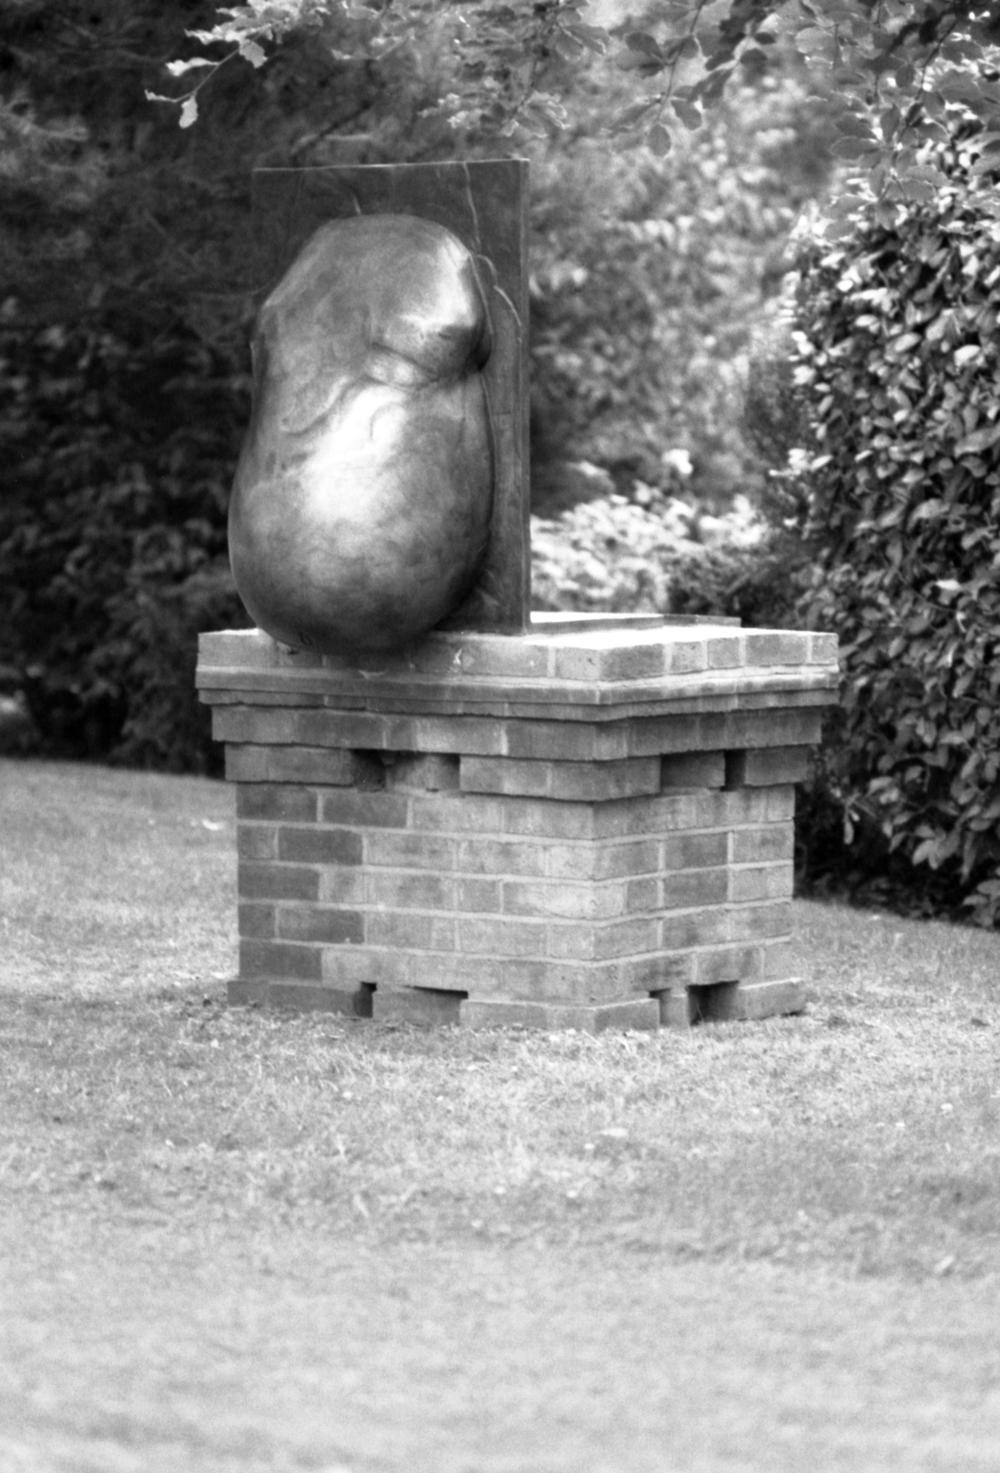 Falstaff 2001,Stratford-Upon-Avon England